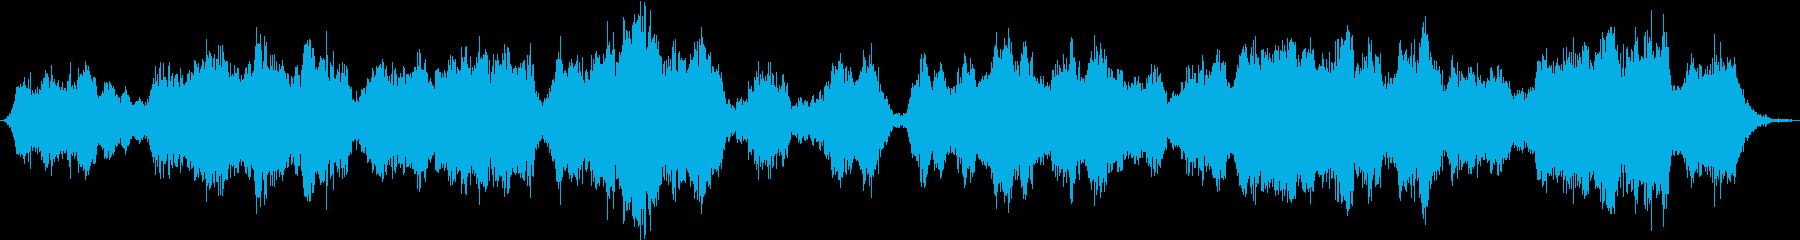 宇宙空間をイメージしたバラードの再生済みの波形